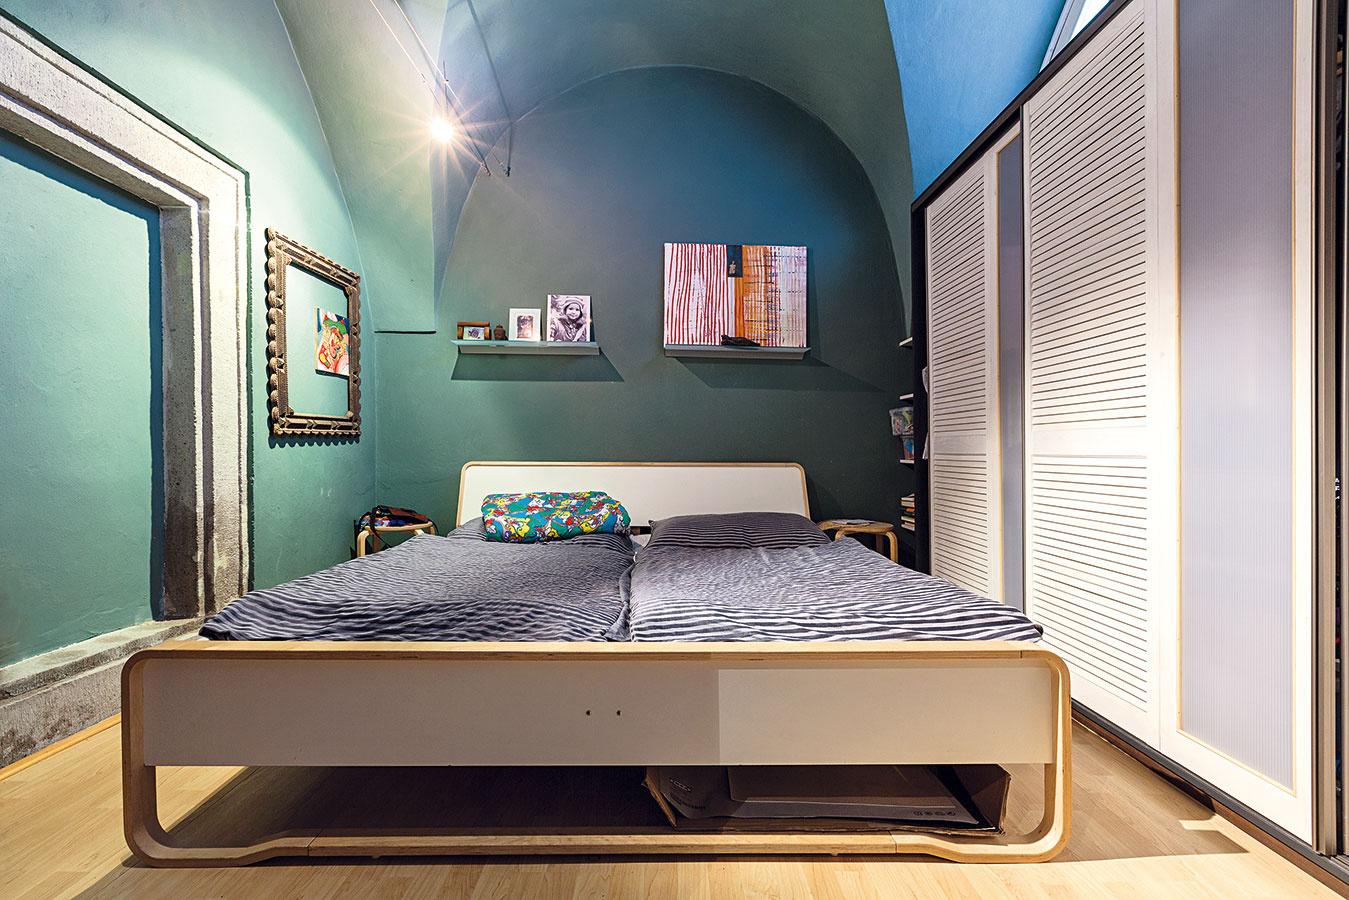 Veľkú miestnosť domáci rozdelili rozoberateľnou priečkou na dve. Teraz majú rodičia samostatnú spálňu za posuvnými dverami, pred ktorými vedie chodbička kdetskej izbe soknom obráteným kTrojičnému námestiu.